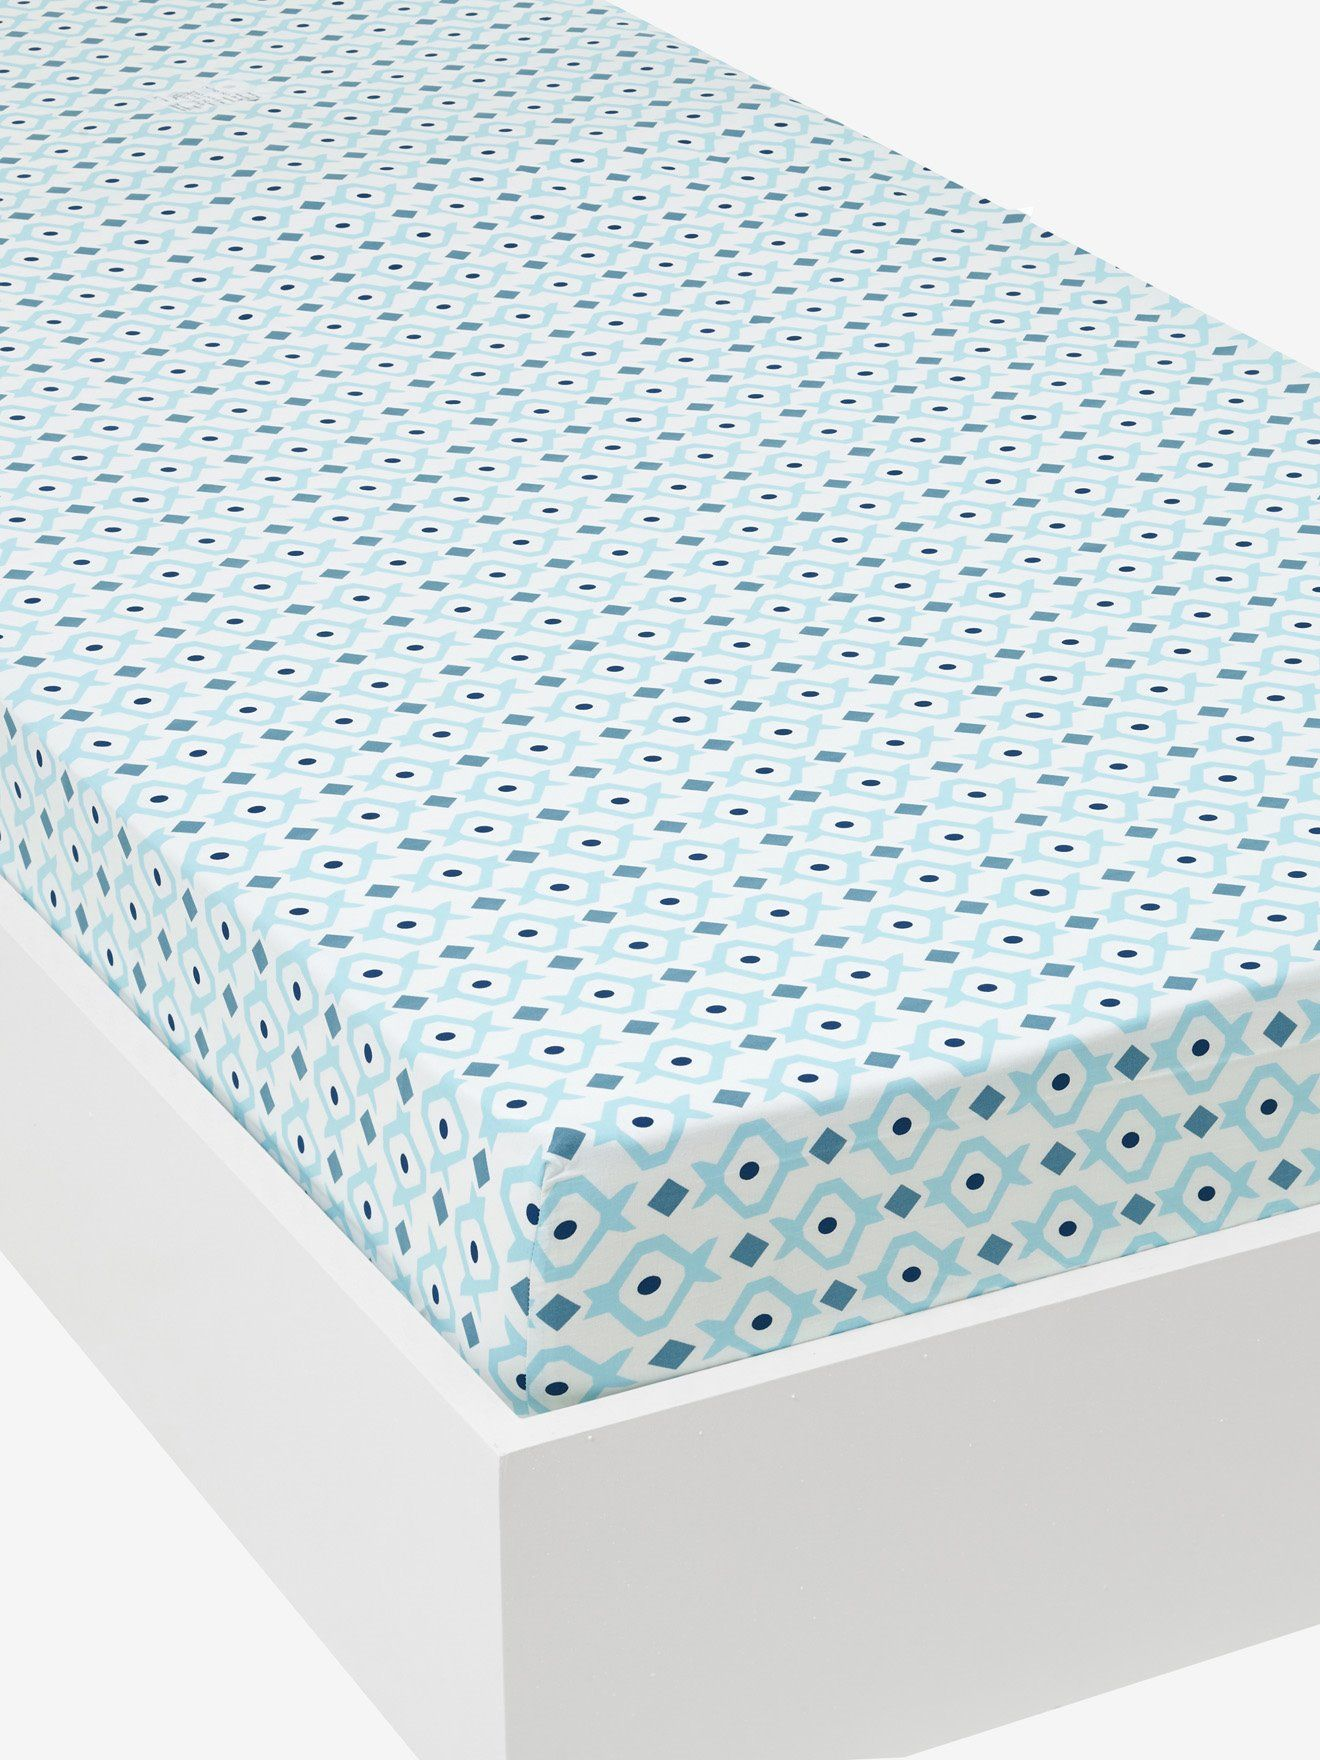 Spannbettlaken Skater Von Vertbaudet In Weiss Blau Nur 2 95 Versand Kinderzimmer Jetzt Bei Vertbaudet Bestellen Spannbettlaken Bettlaken Kinderbettwasche